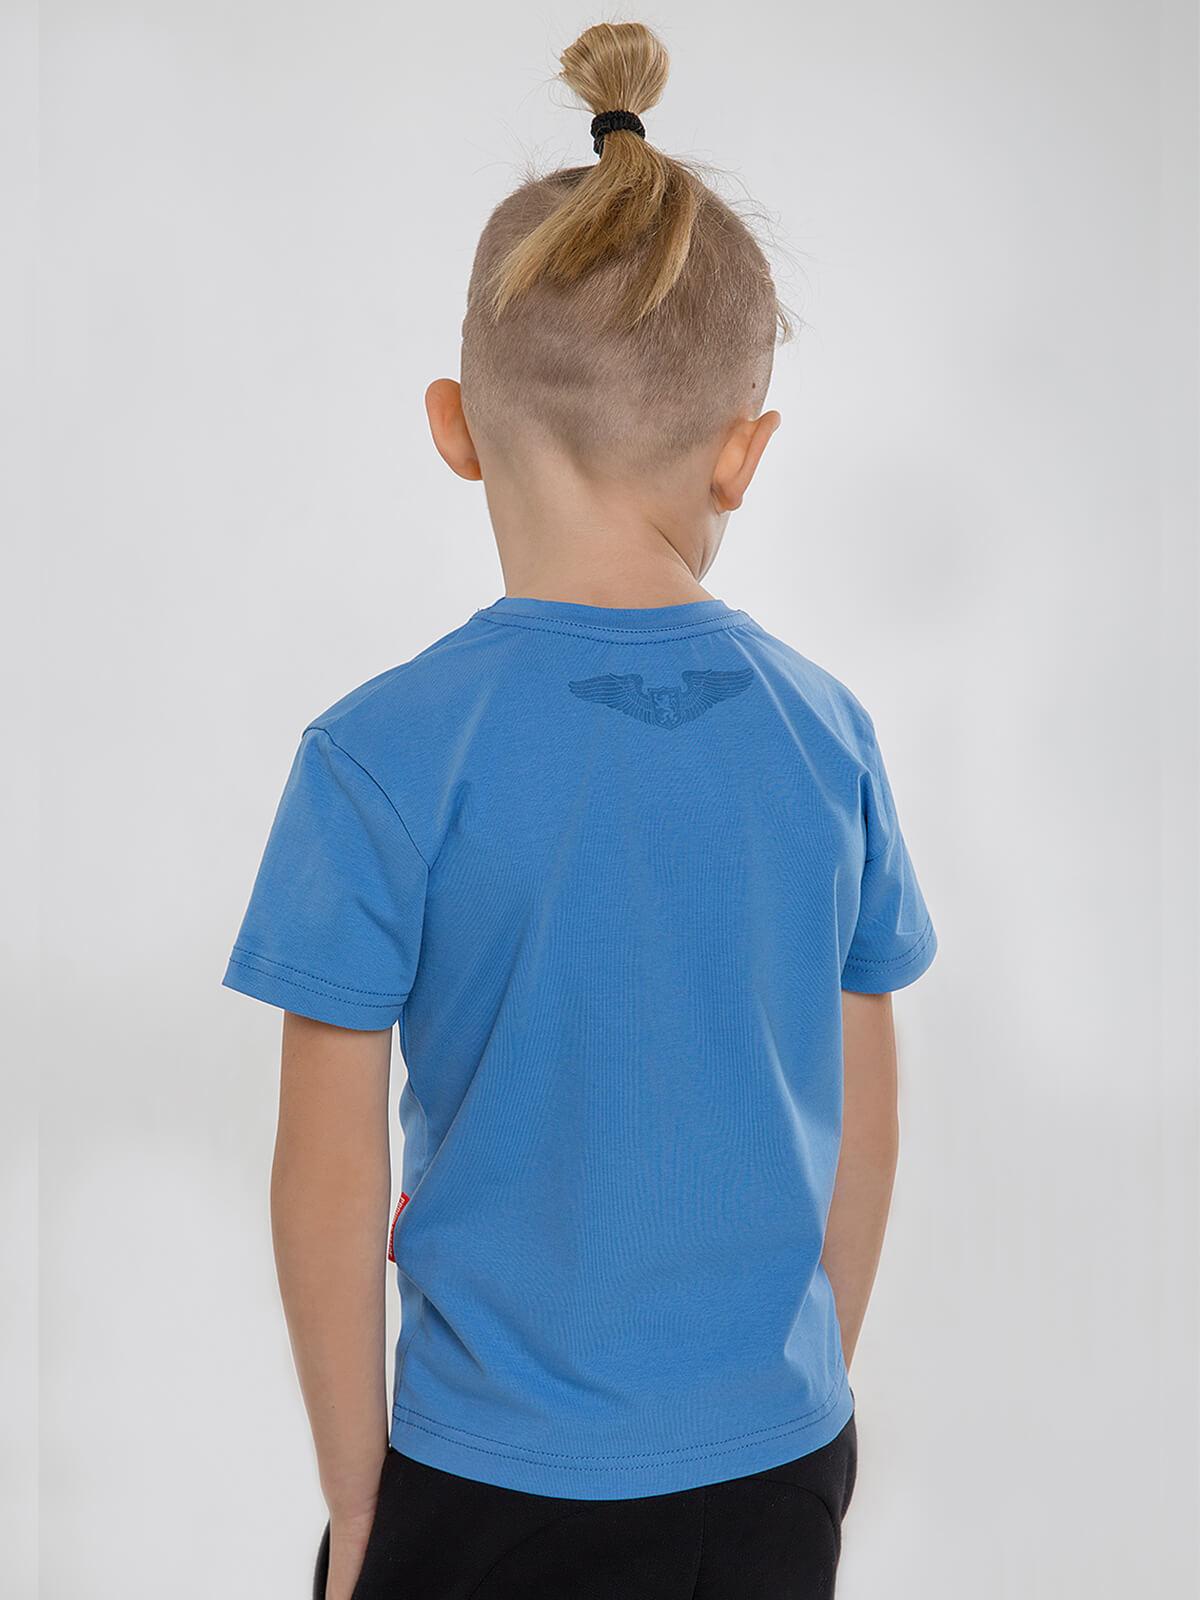 Дитяча Футболка То Моє Море. Колір блакитний.   Відтінки кольорів на вашому екрані можуть відрізнятися від кольору оригіналу.